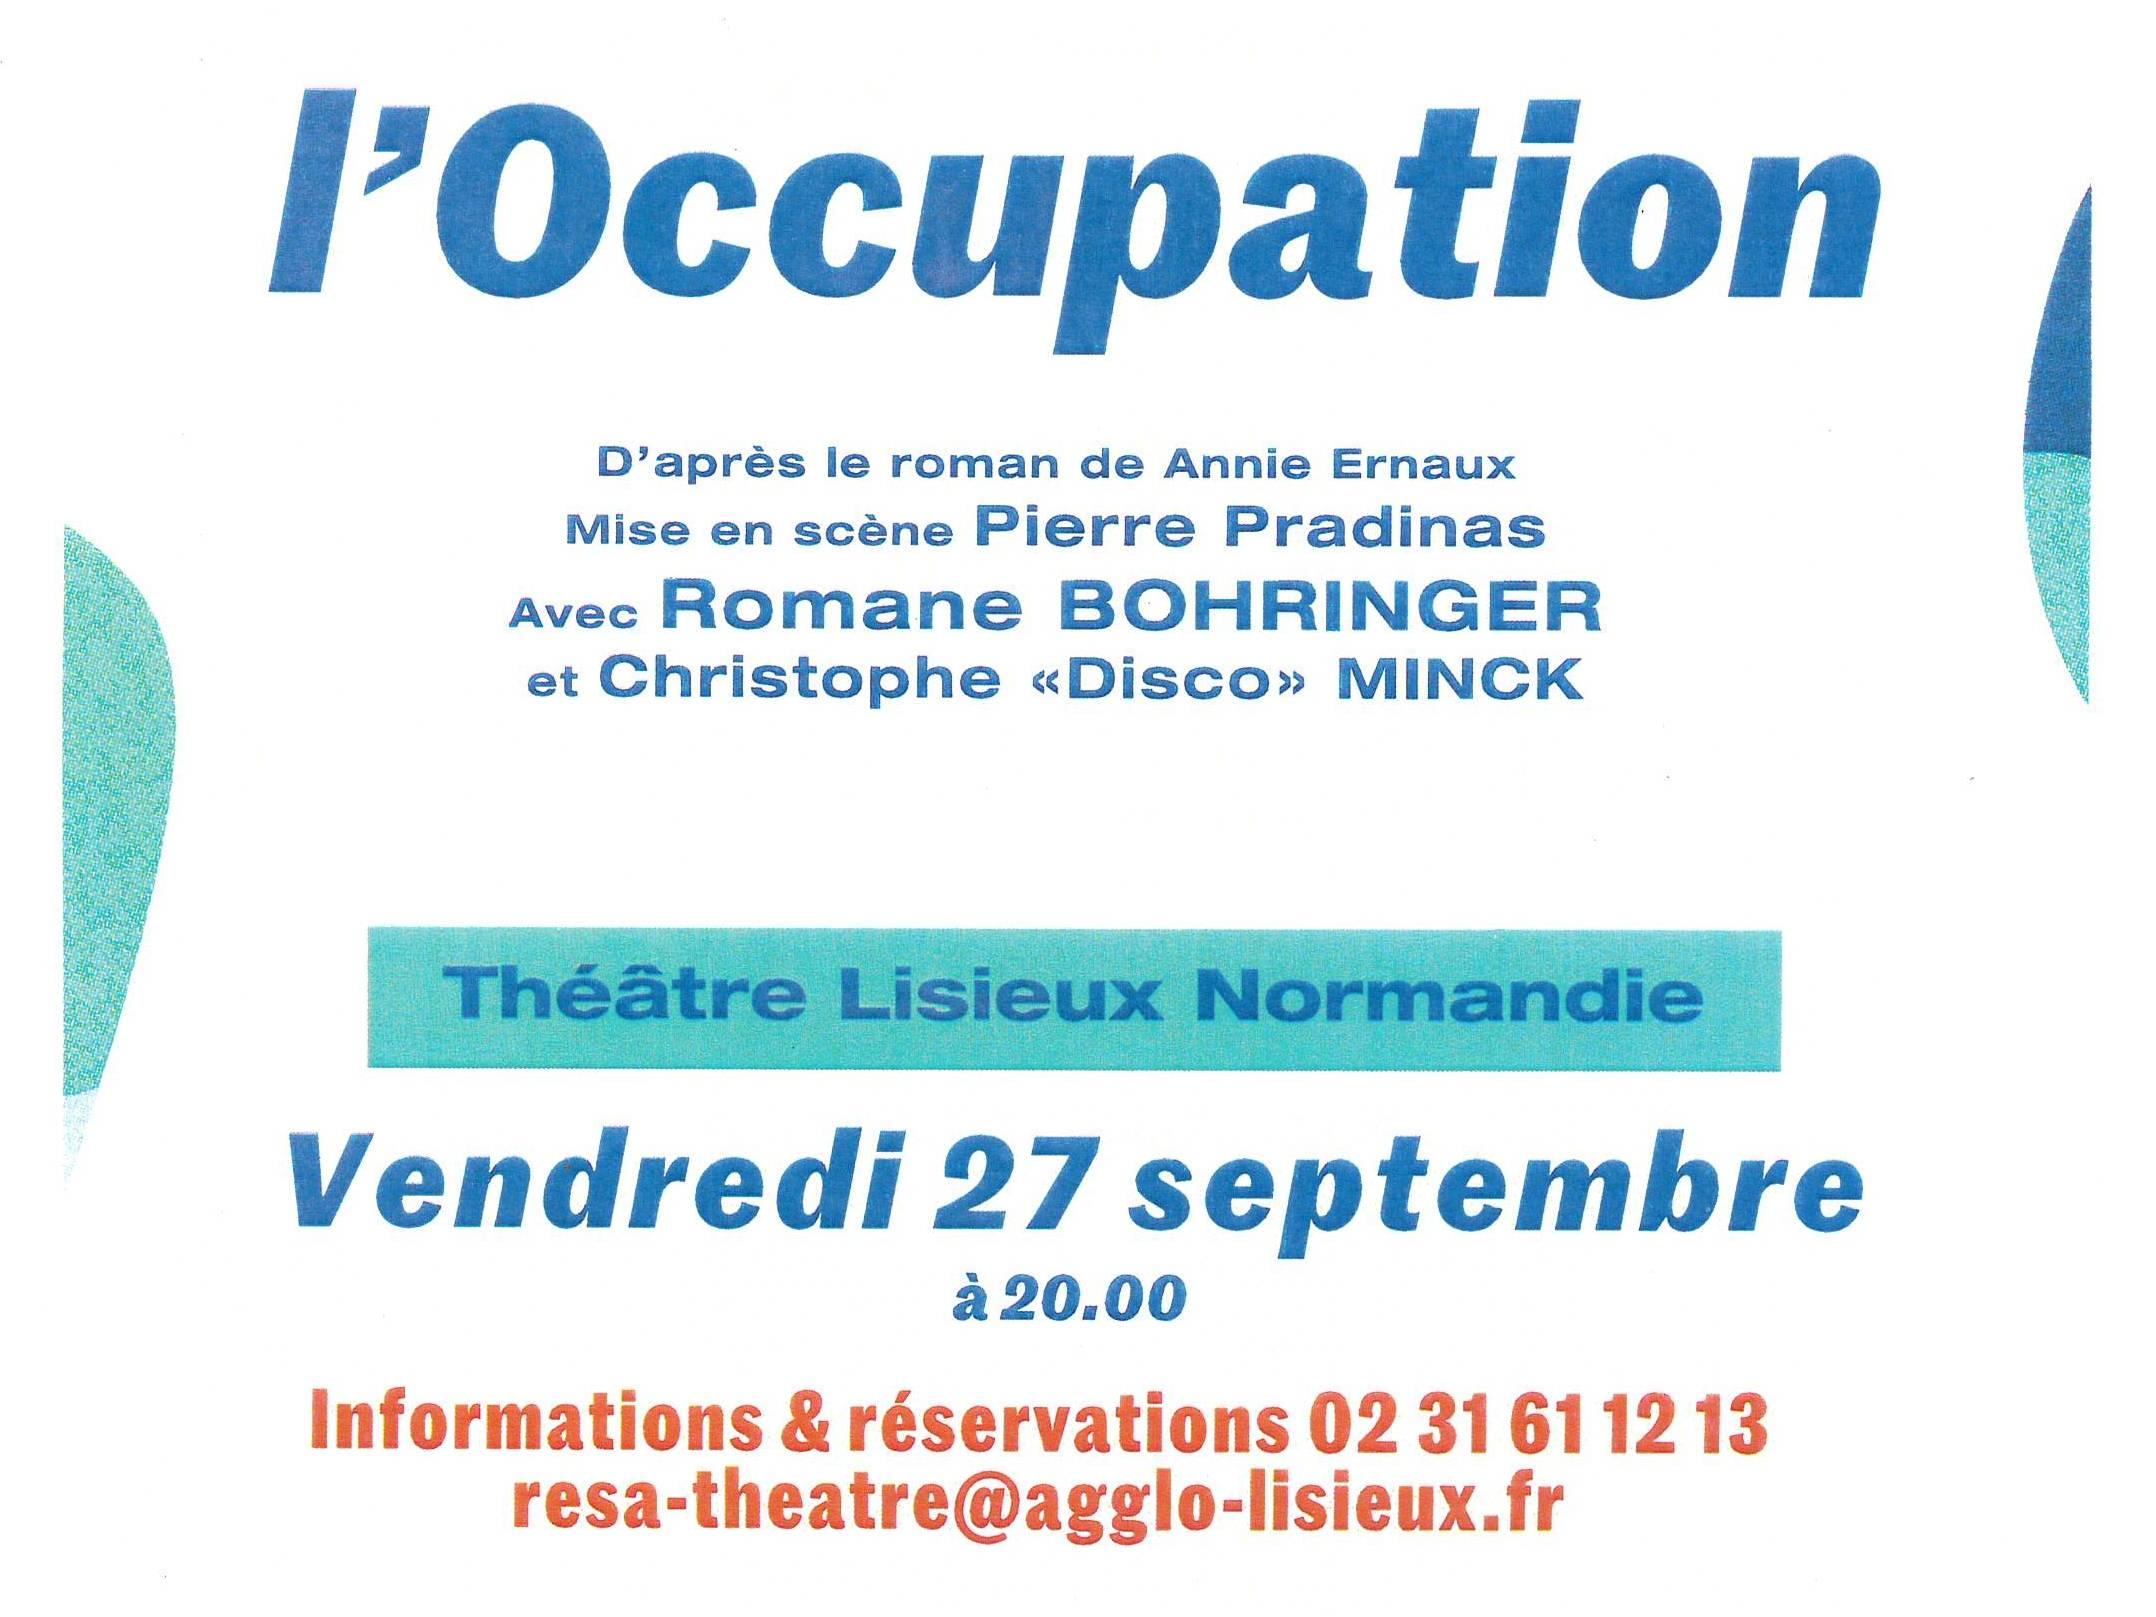 L'Occupation au théâtre de Lisieux